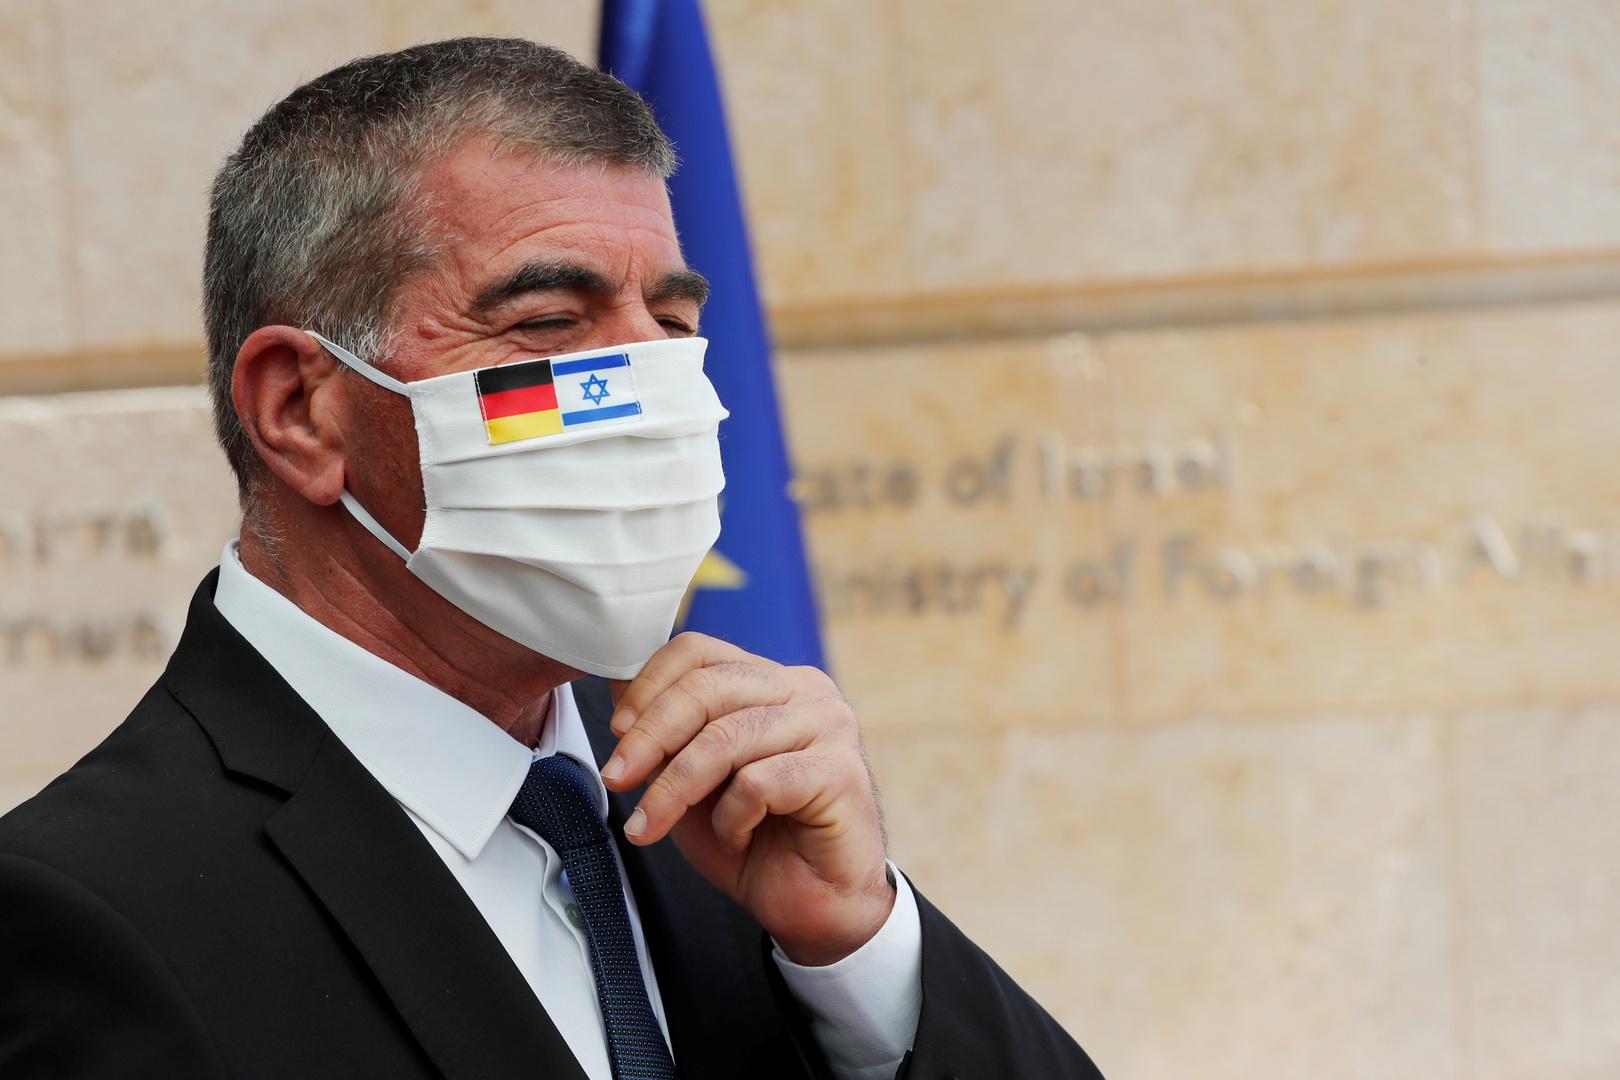 وزير خارجية إسرائيل غابي أشكنازي